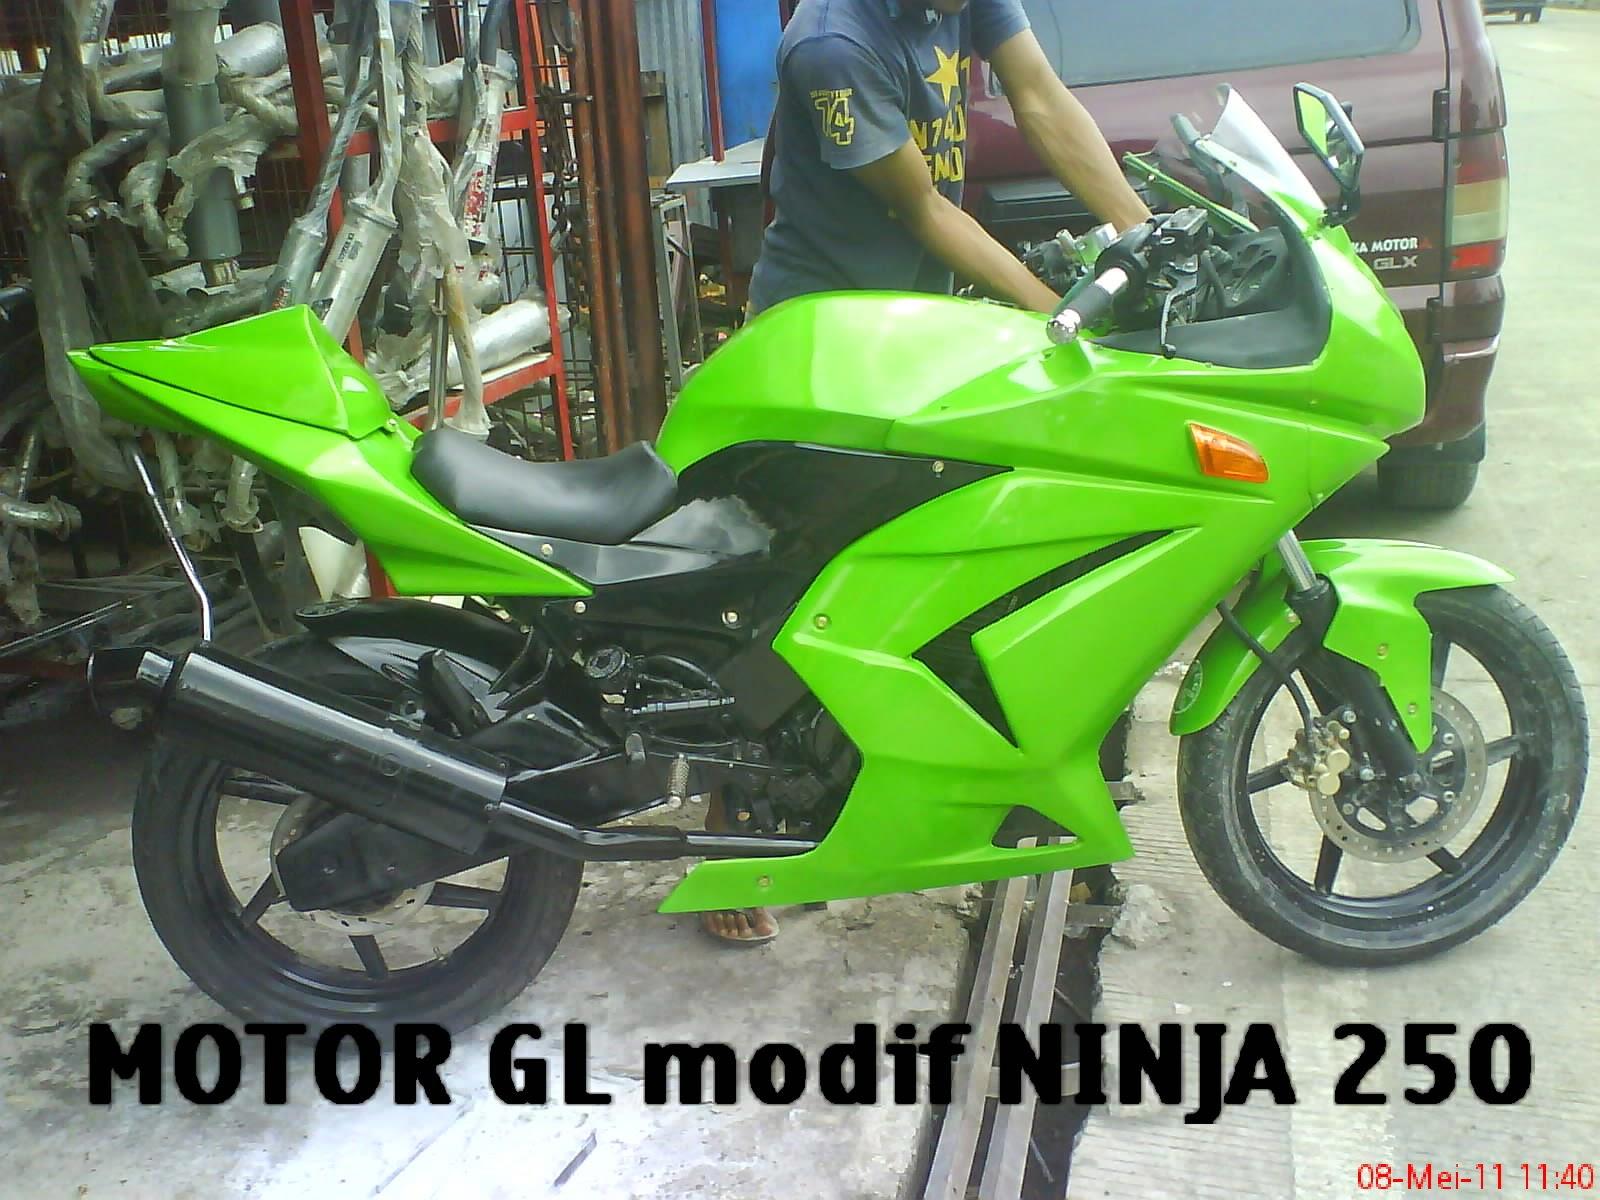 terbaru thunder 125 modif ninja 250